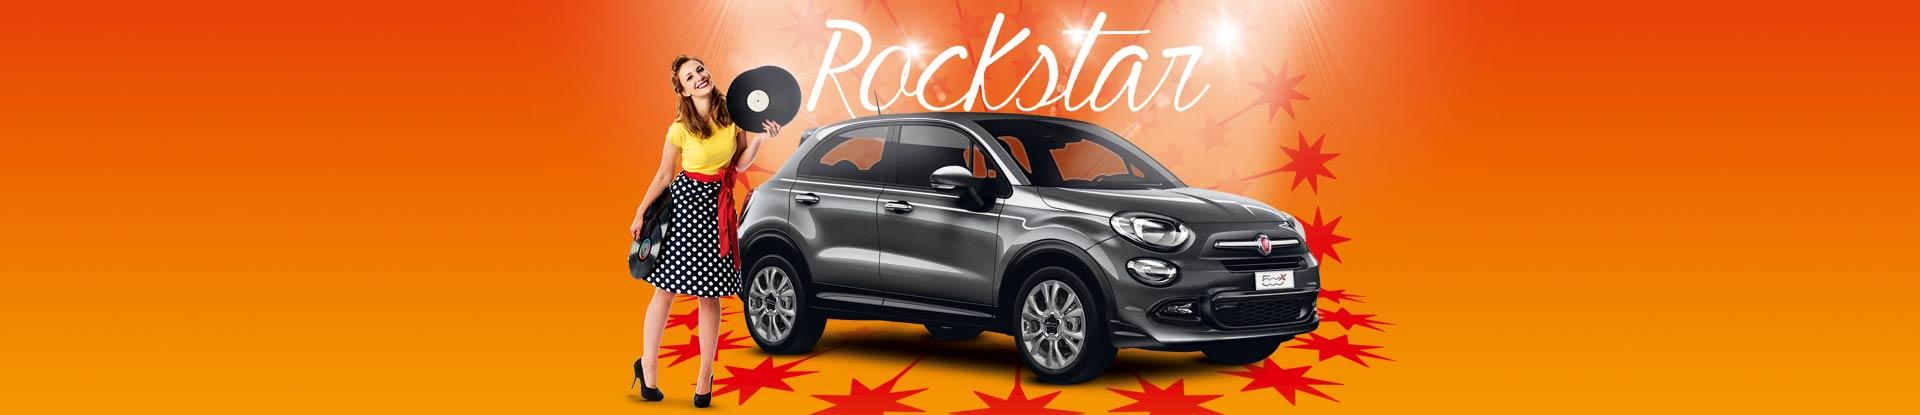 Fiat 500x Rockstar Sonderangebot Im Autozentrum Pa Preckel 500 Pop Diagram Angebote